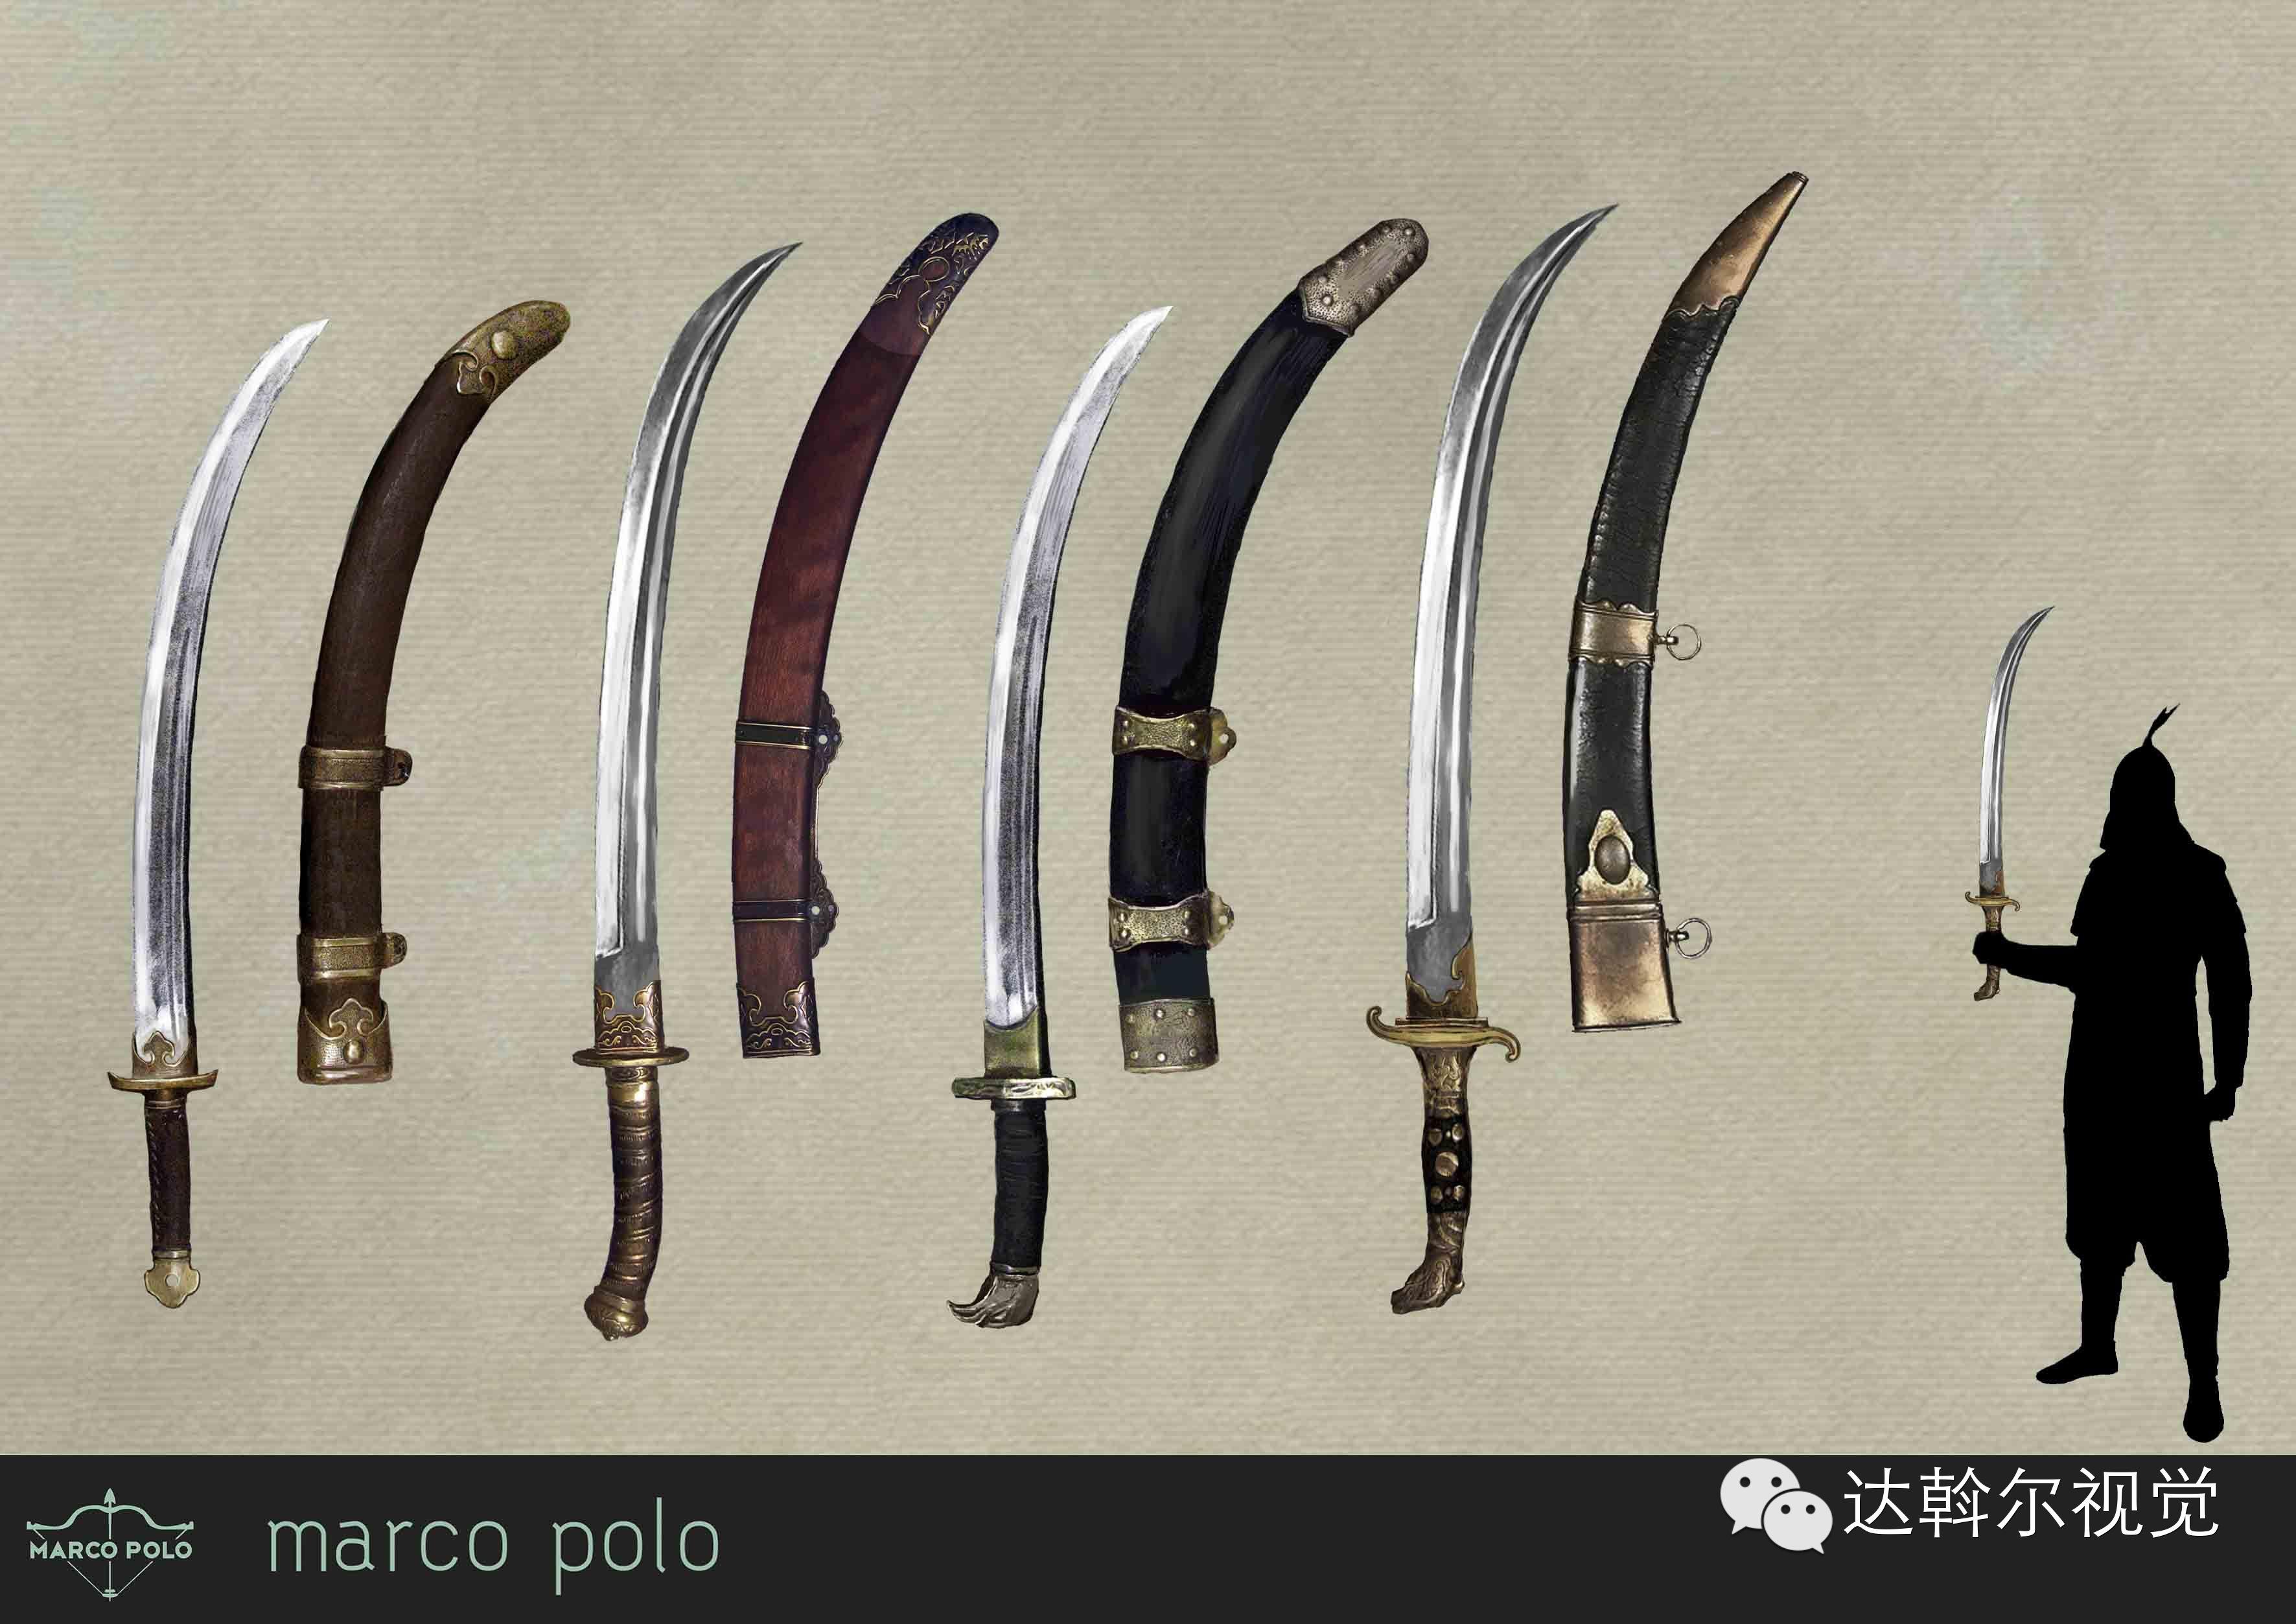 蒙古题材美剧《马可波罗》兵器设计欣赏 第23张